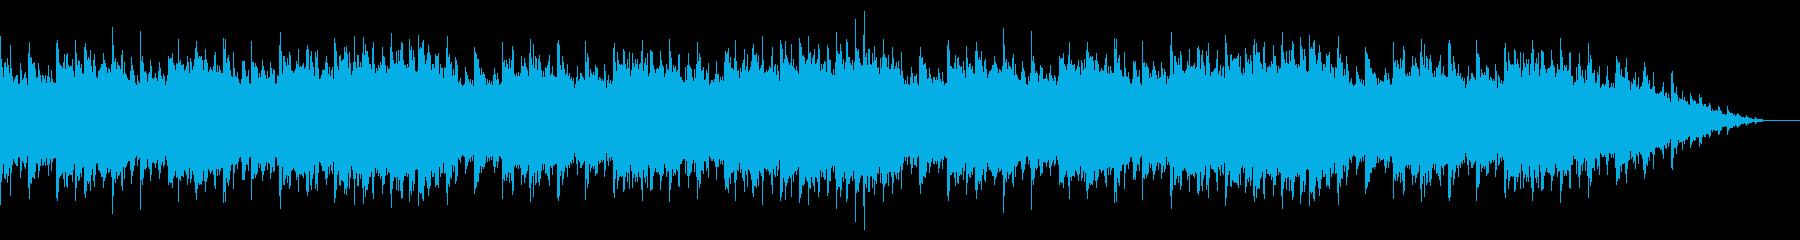 背景音 RPGなどにの再生済みの波形